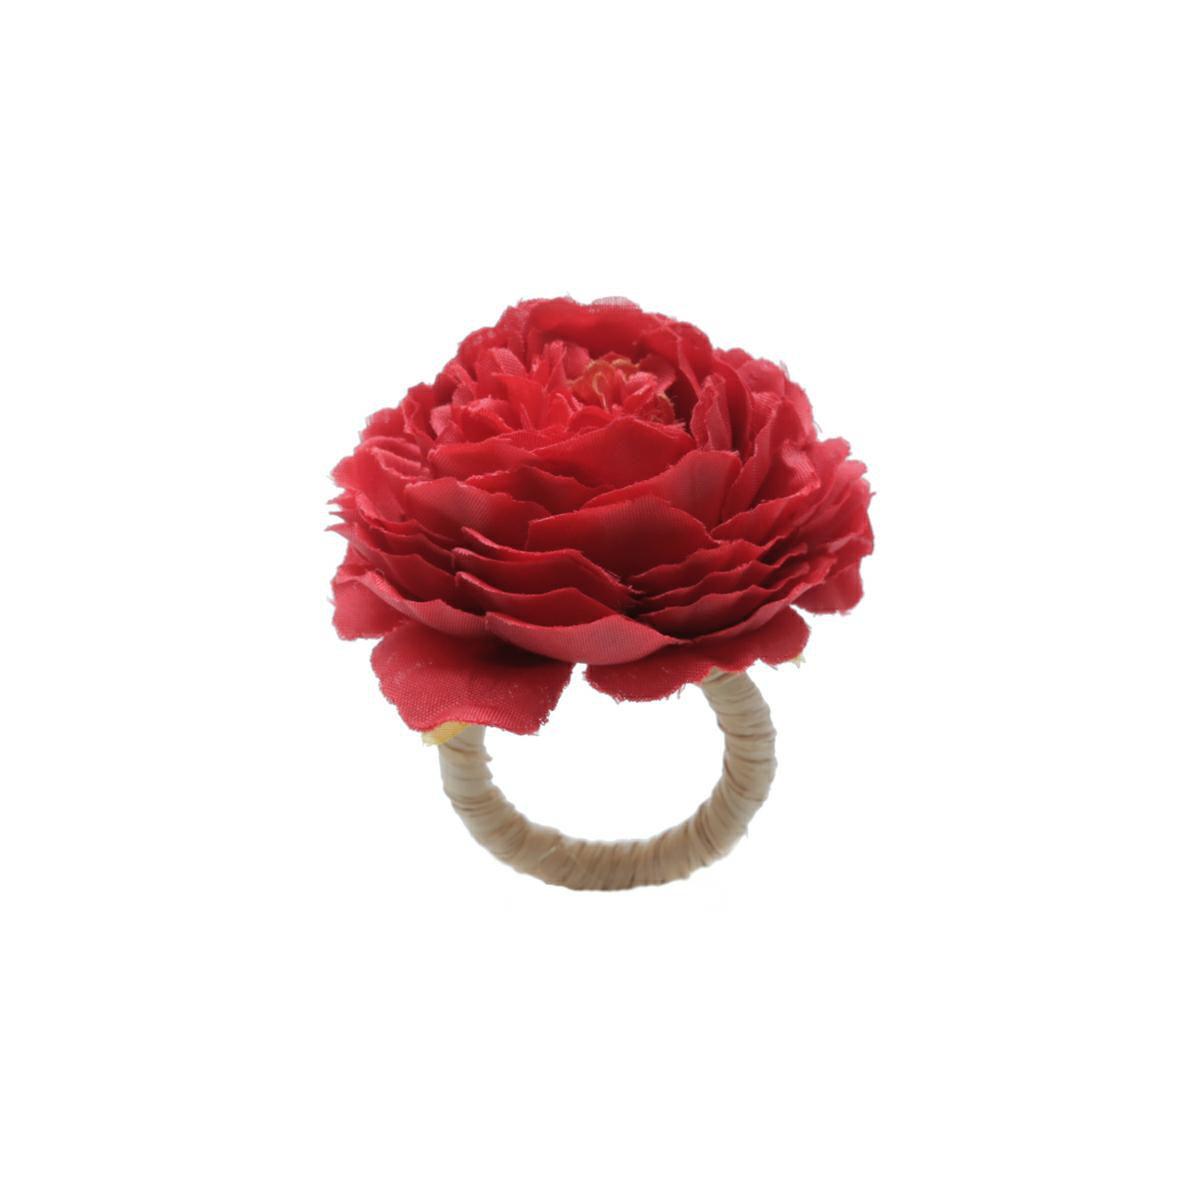 Jogo 4 anéis para guardanapo 12,5 cm de plástico Cravo Vermelho Bon Gourmet - 35479